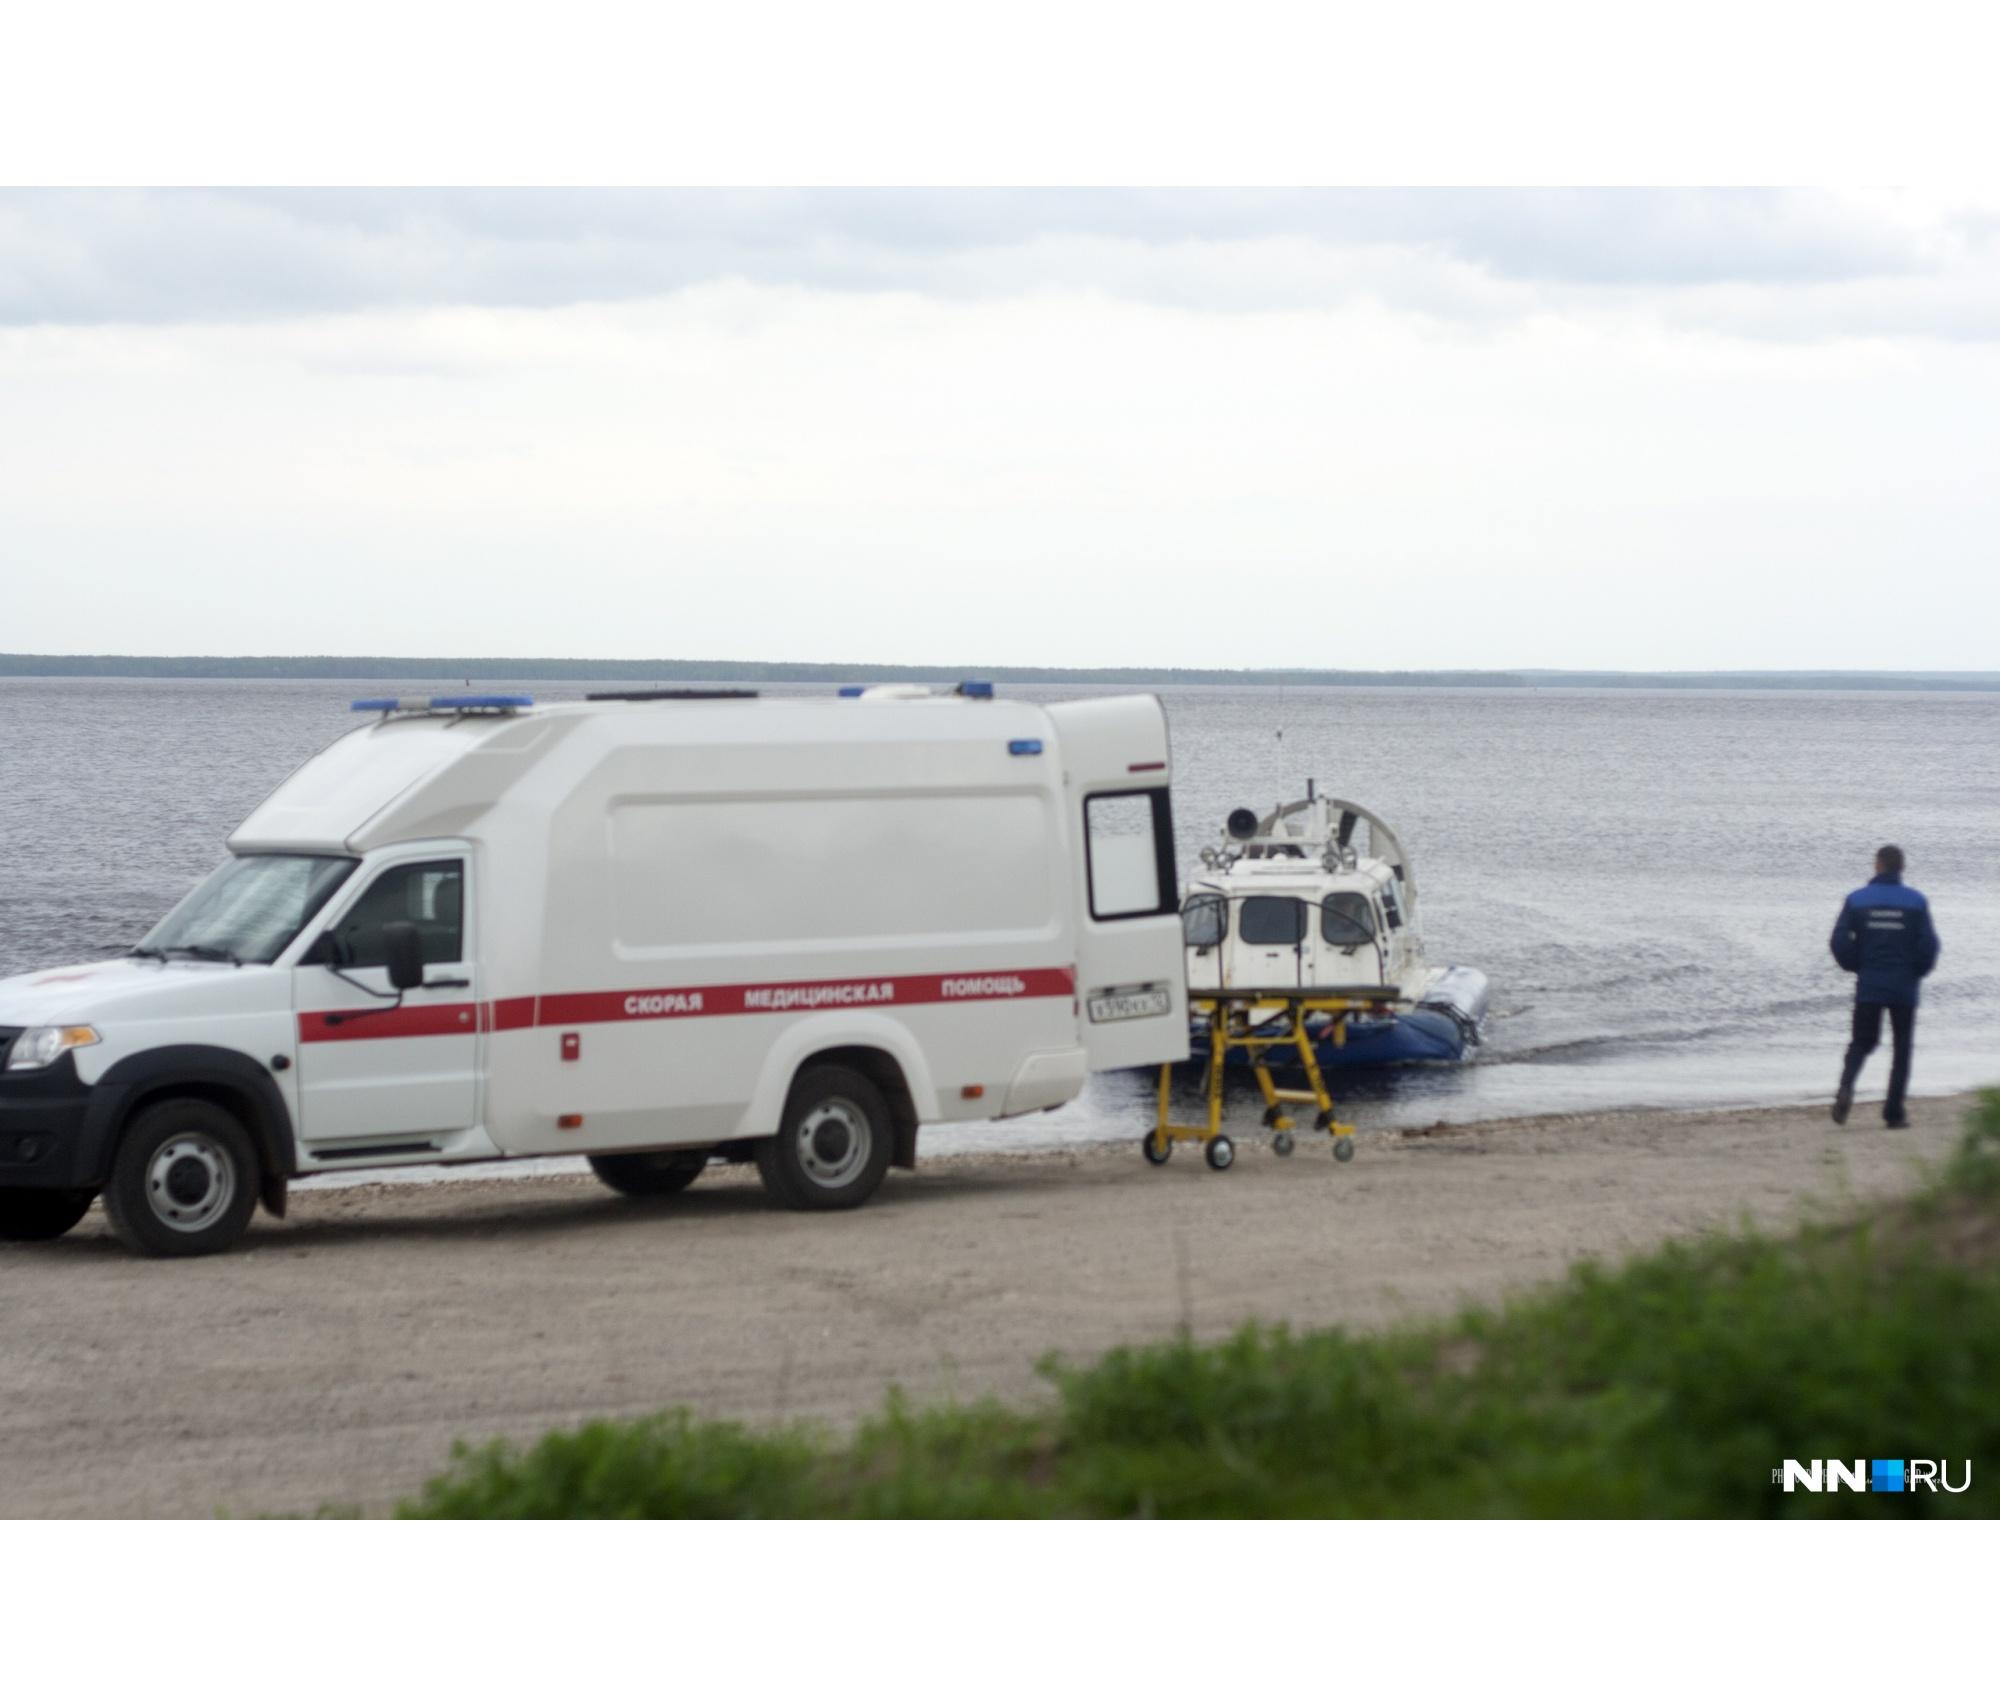 При нас катер привез человека, которого встретила на берегу скорая — видимо, потребовалась помощь кому-то из отдаленной деревни